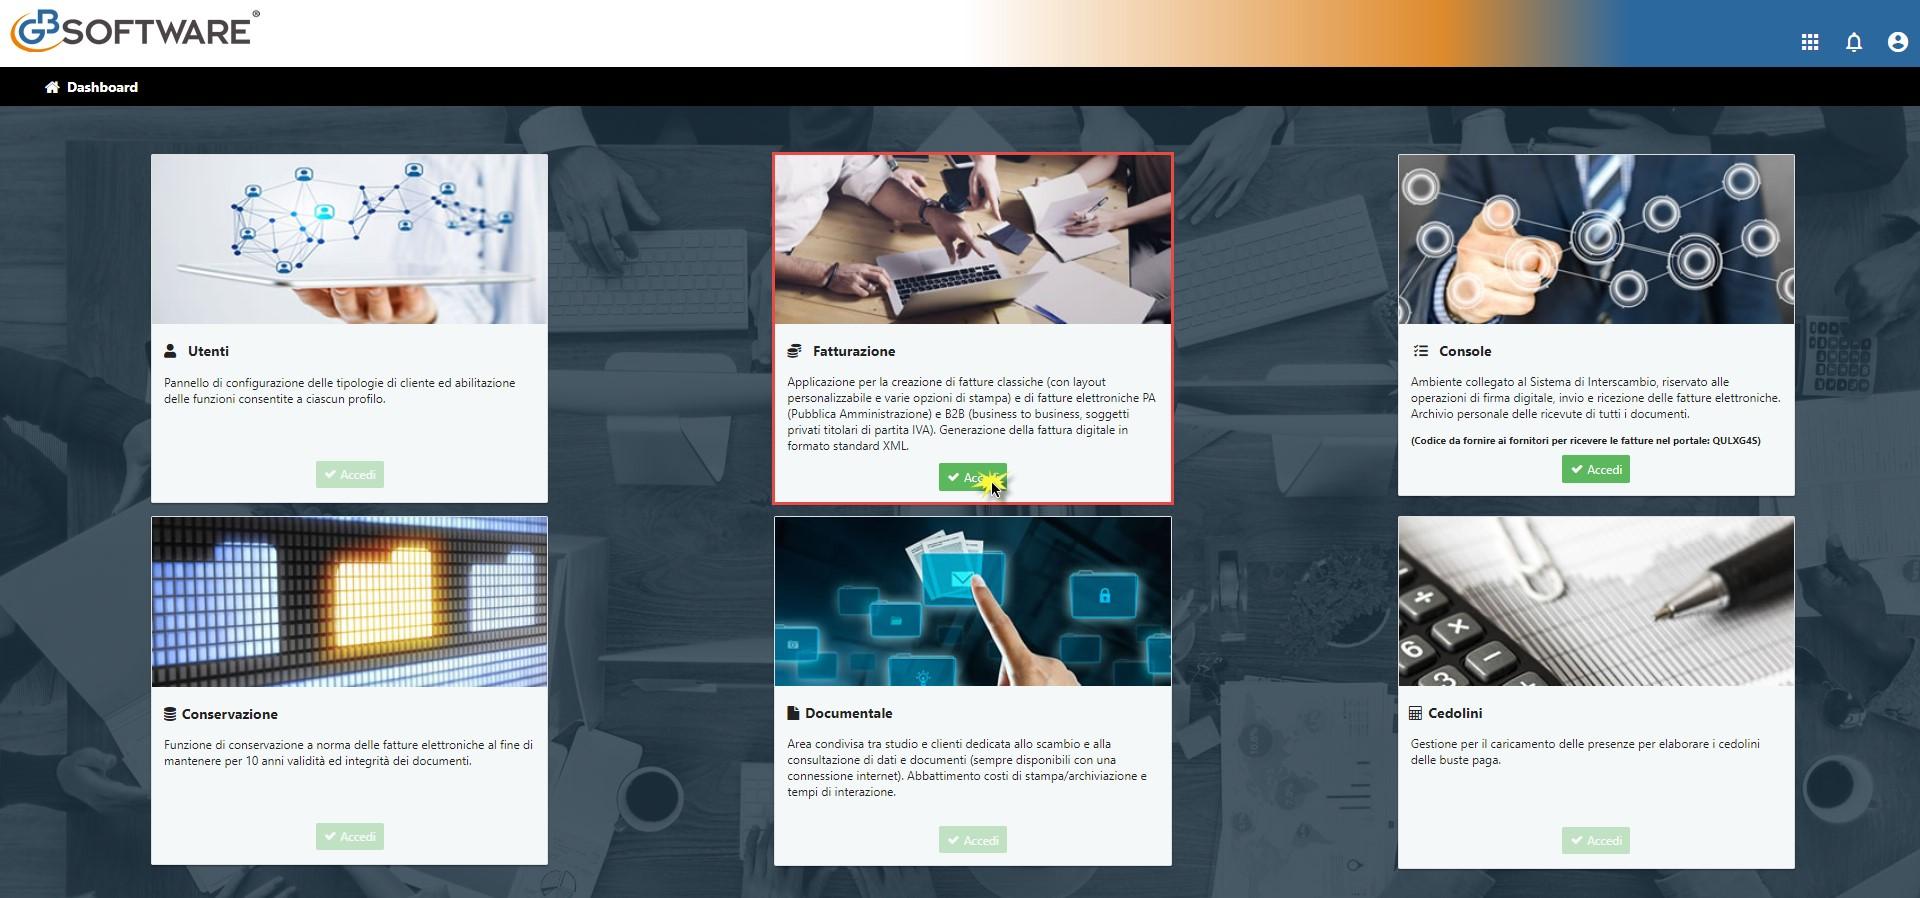 Fatturazione Web: rilascio applicazione - 2